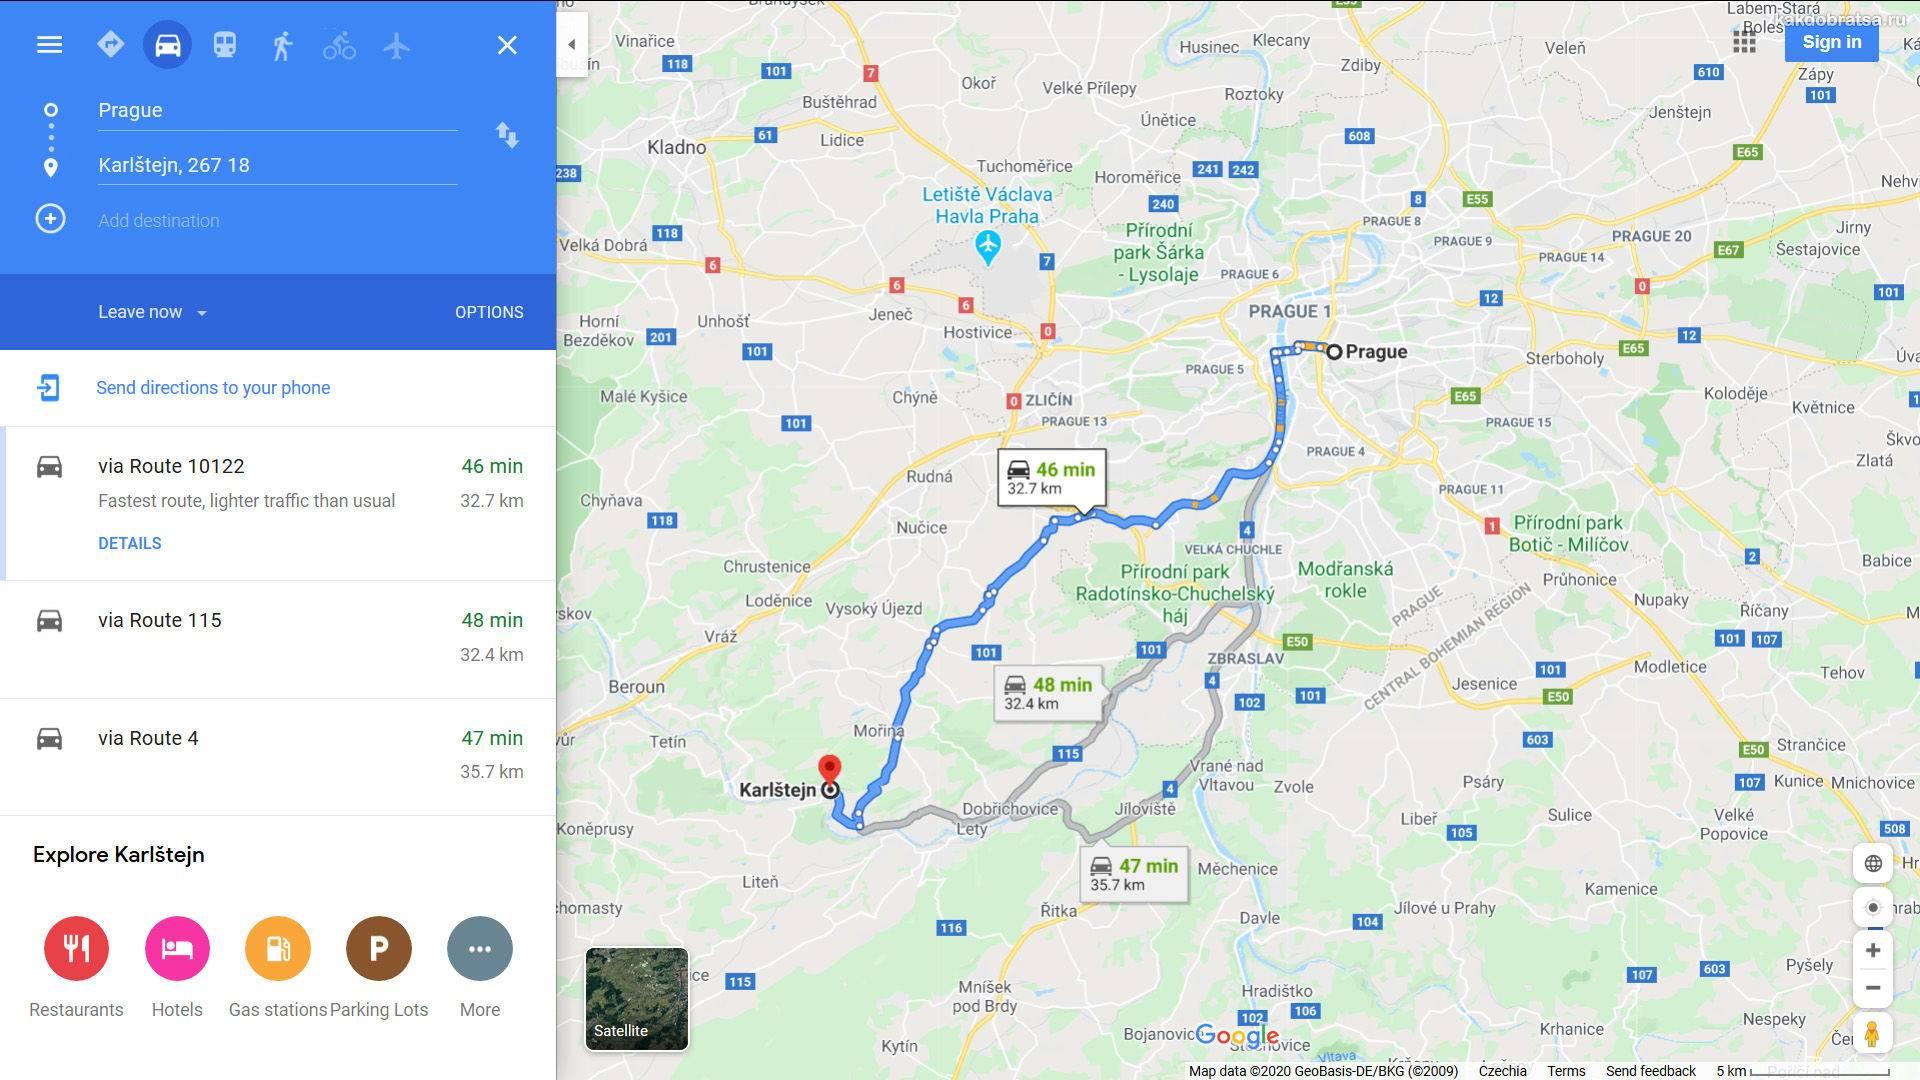 Расписание рейсовых автобусов из амстердама в прагу